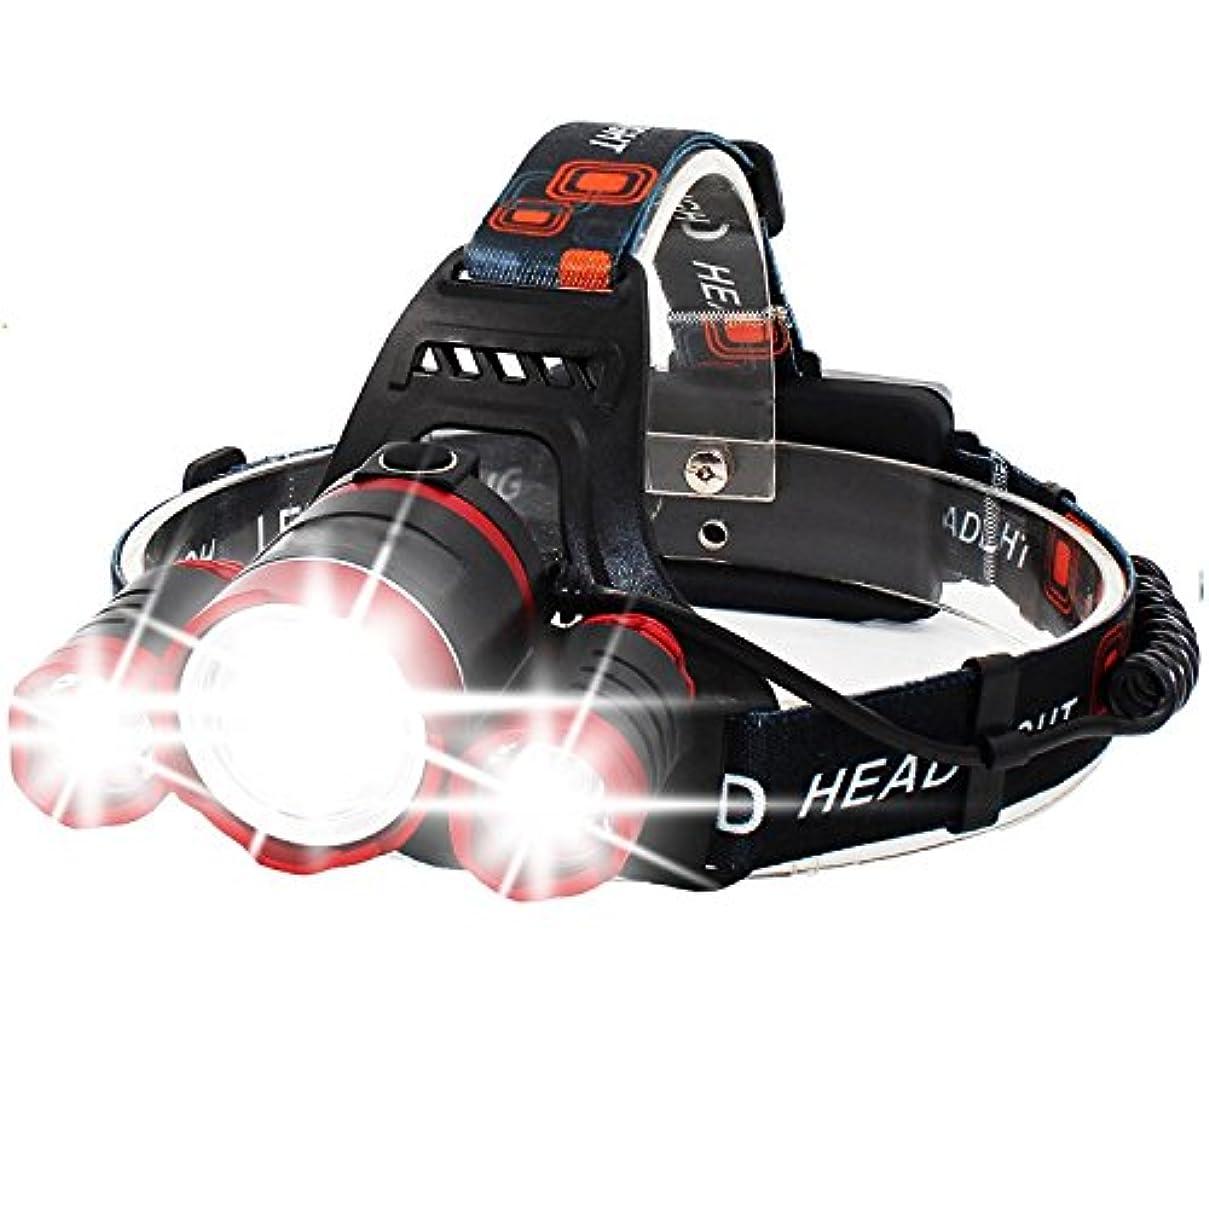 アーティファクト大惨事マイクロNanle テレスコピック超明るいZoomable 4モードLEDヘッドトーチ、充電式防水フォーカスヘッドライト、3クリーXM-L T6 LEDヘッドランプキャンプハイキングランニングウォーキング屋外ライト